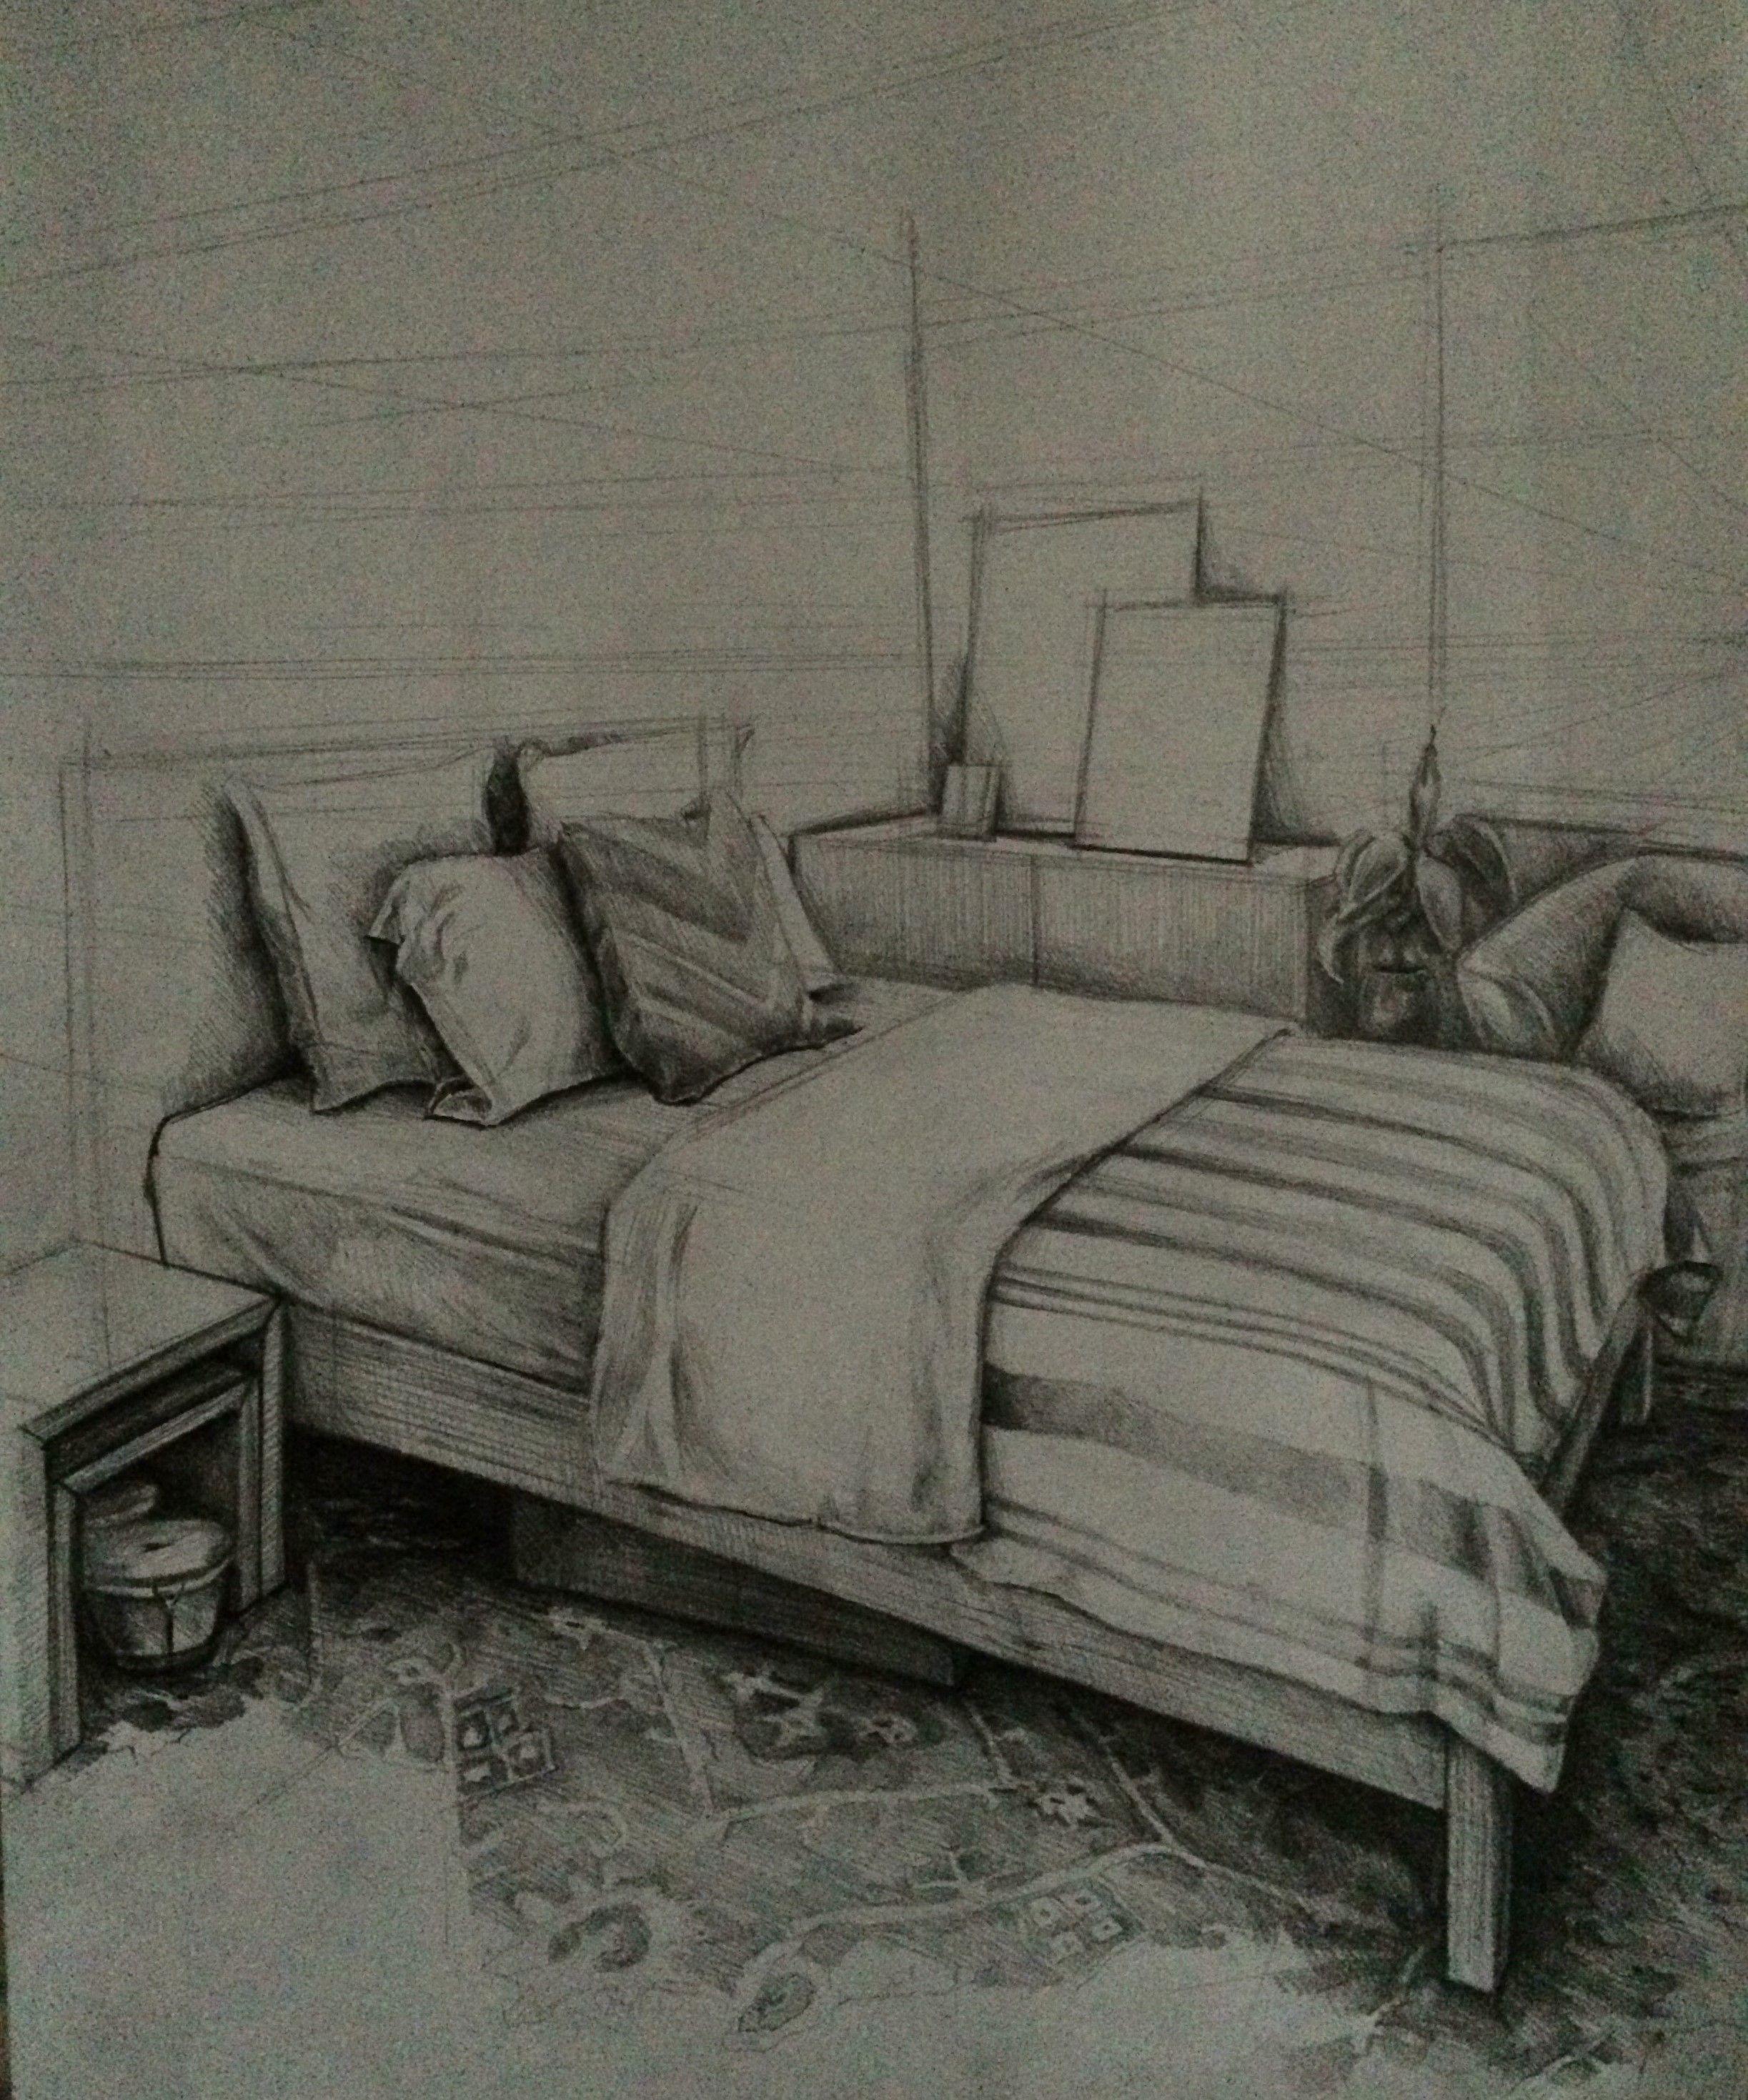 bedroom designinterior designcarpet detaildrawing bedroom designinterior designcarpet